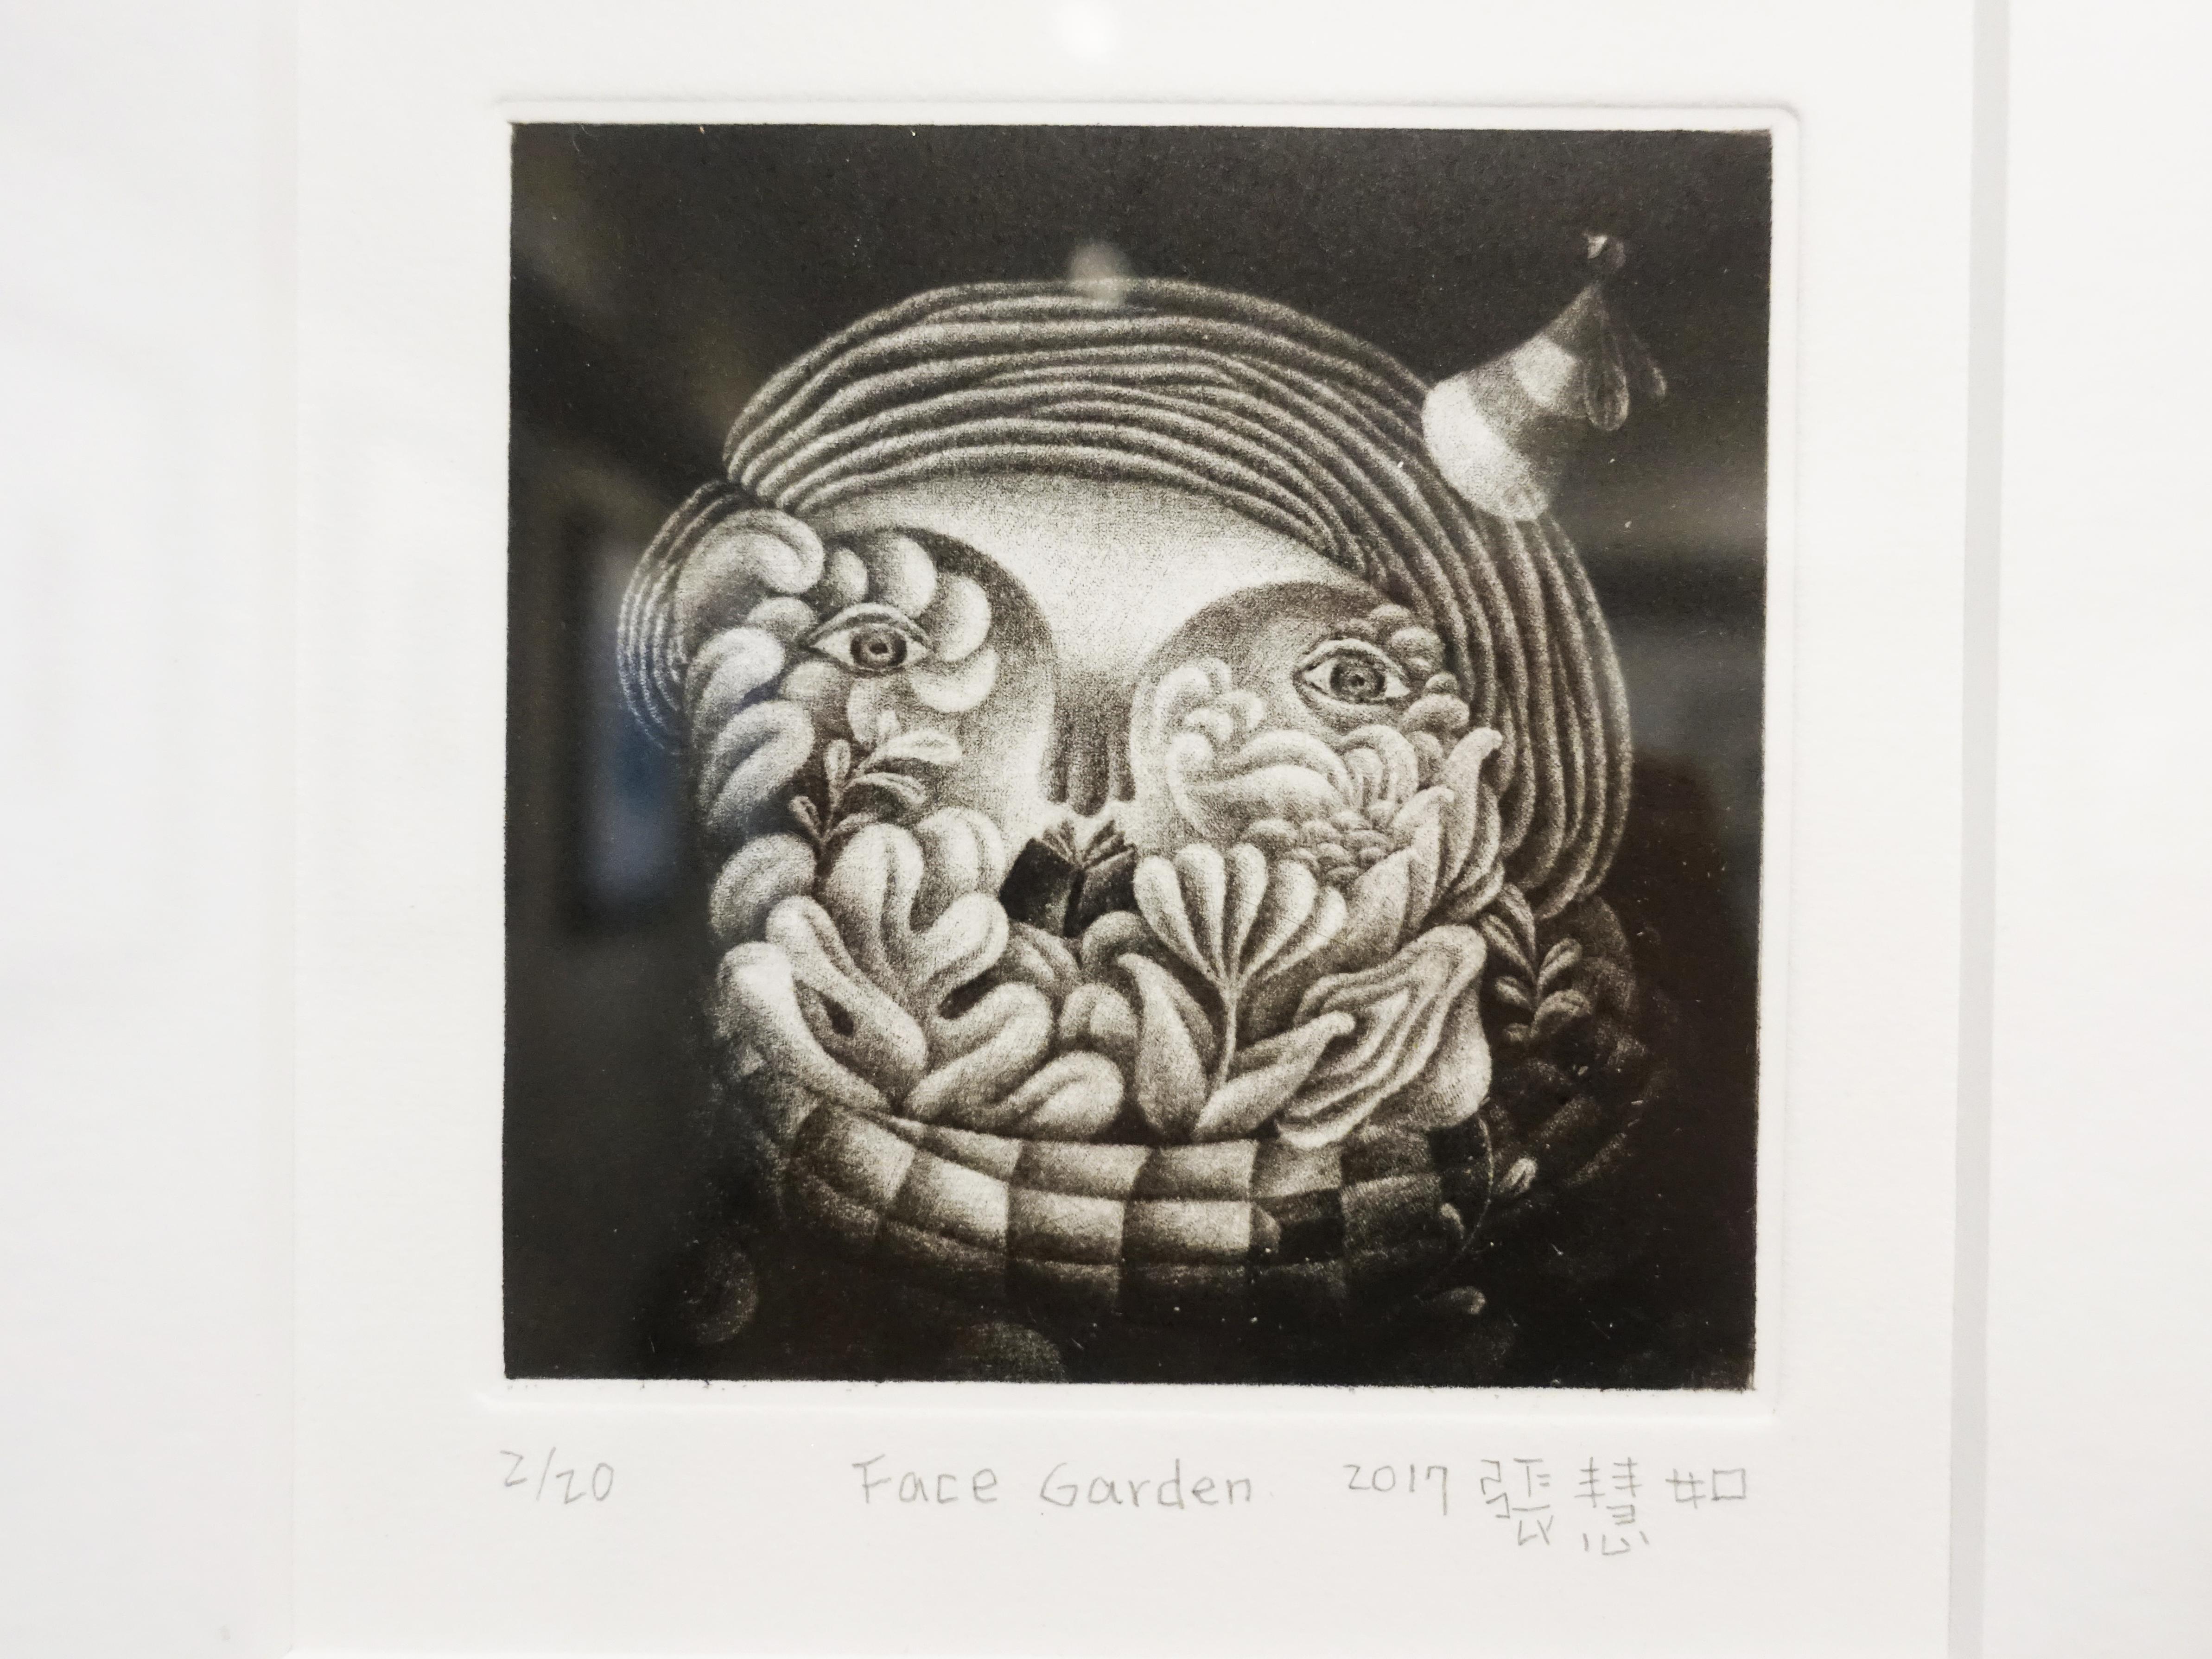 張慧如,《Face Garden》細節,10 x 10 cm,美柔丁2/20,2019。